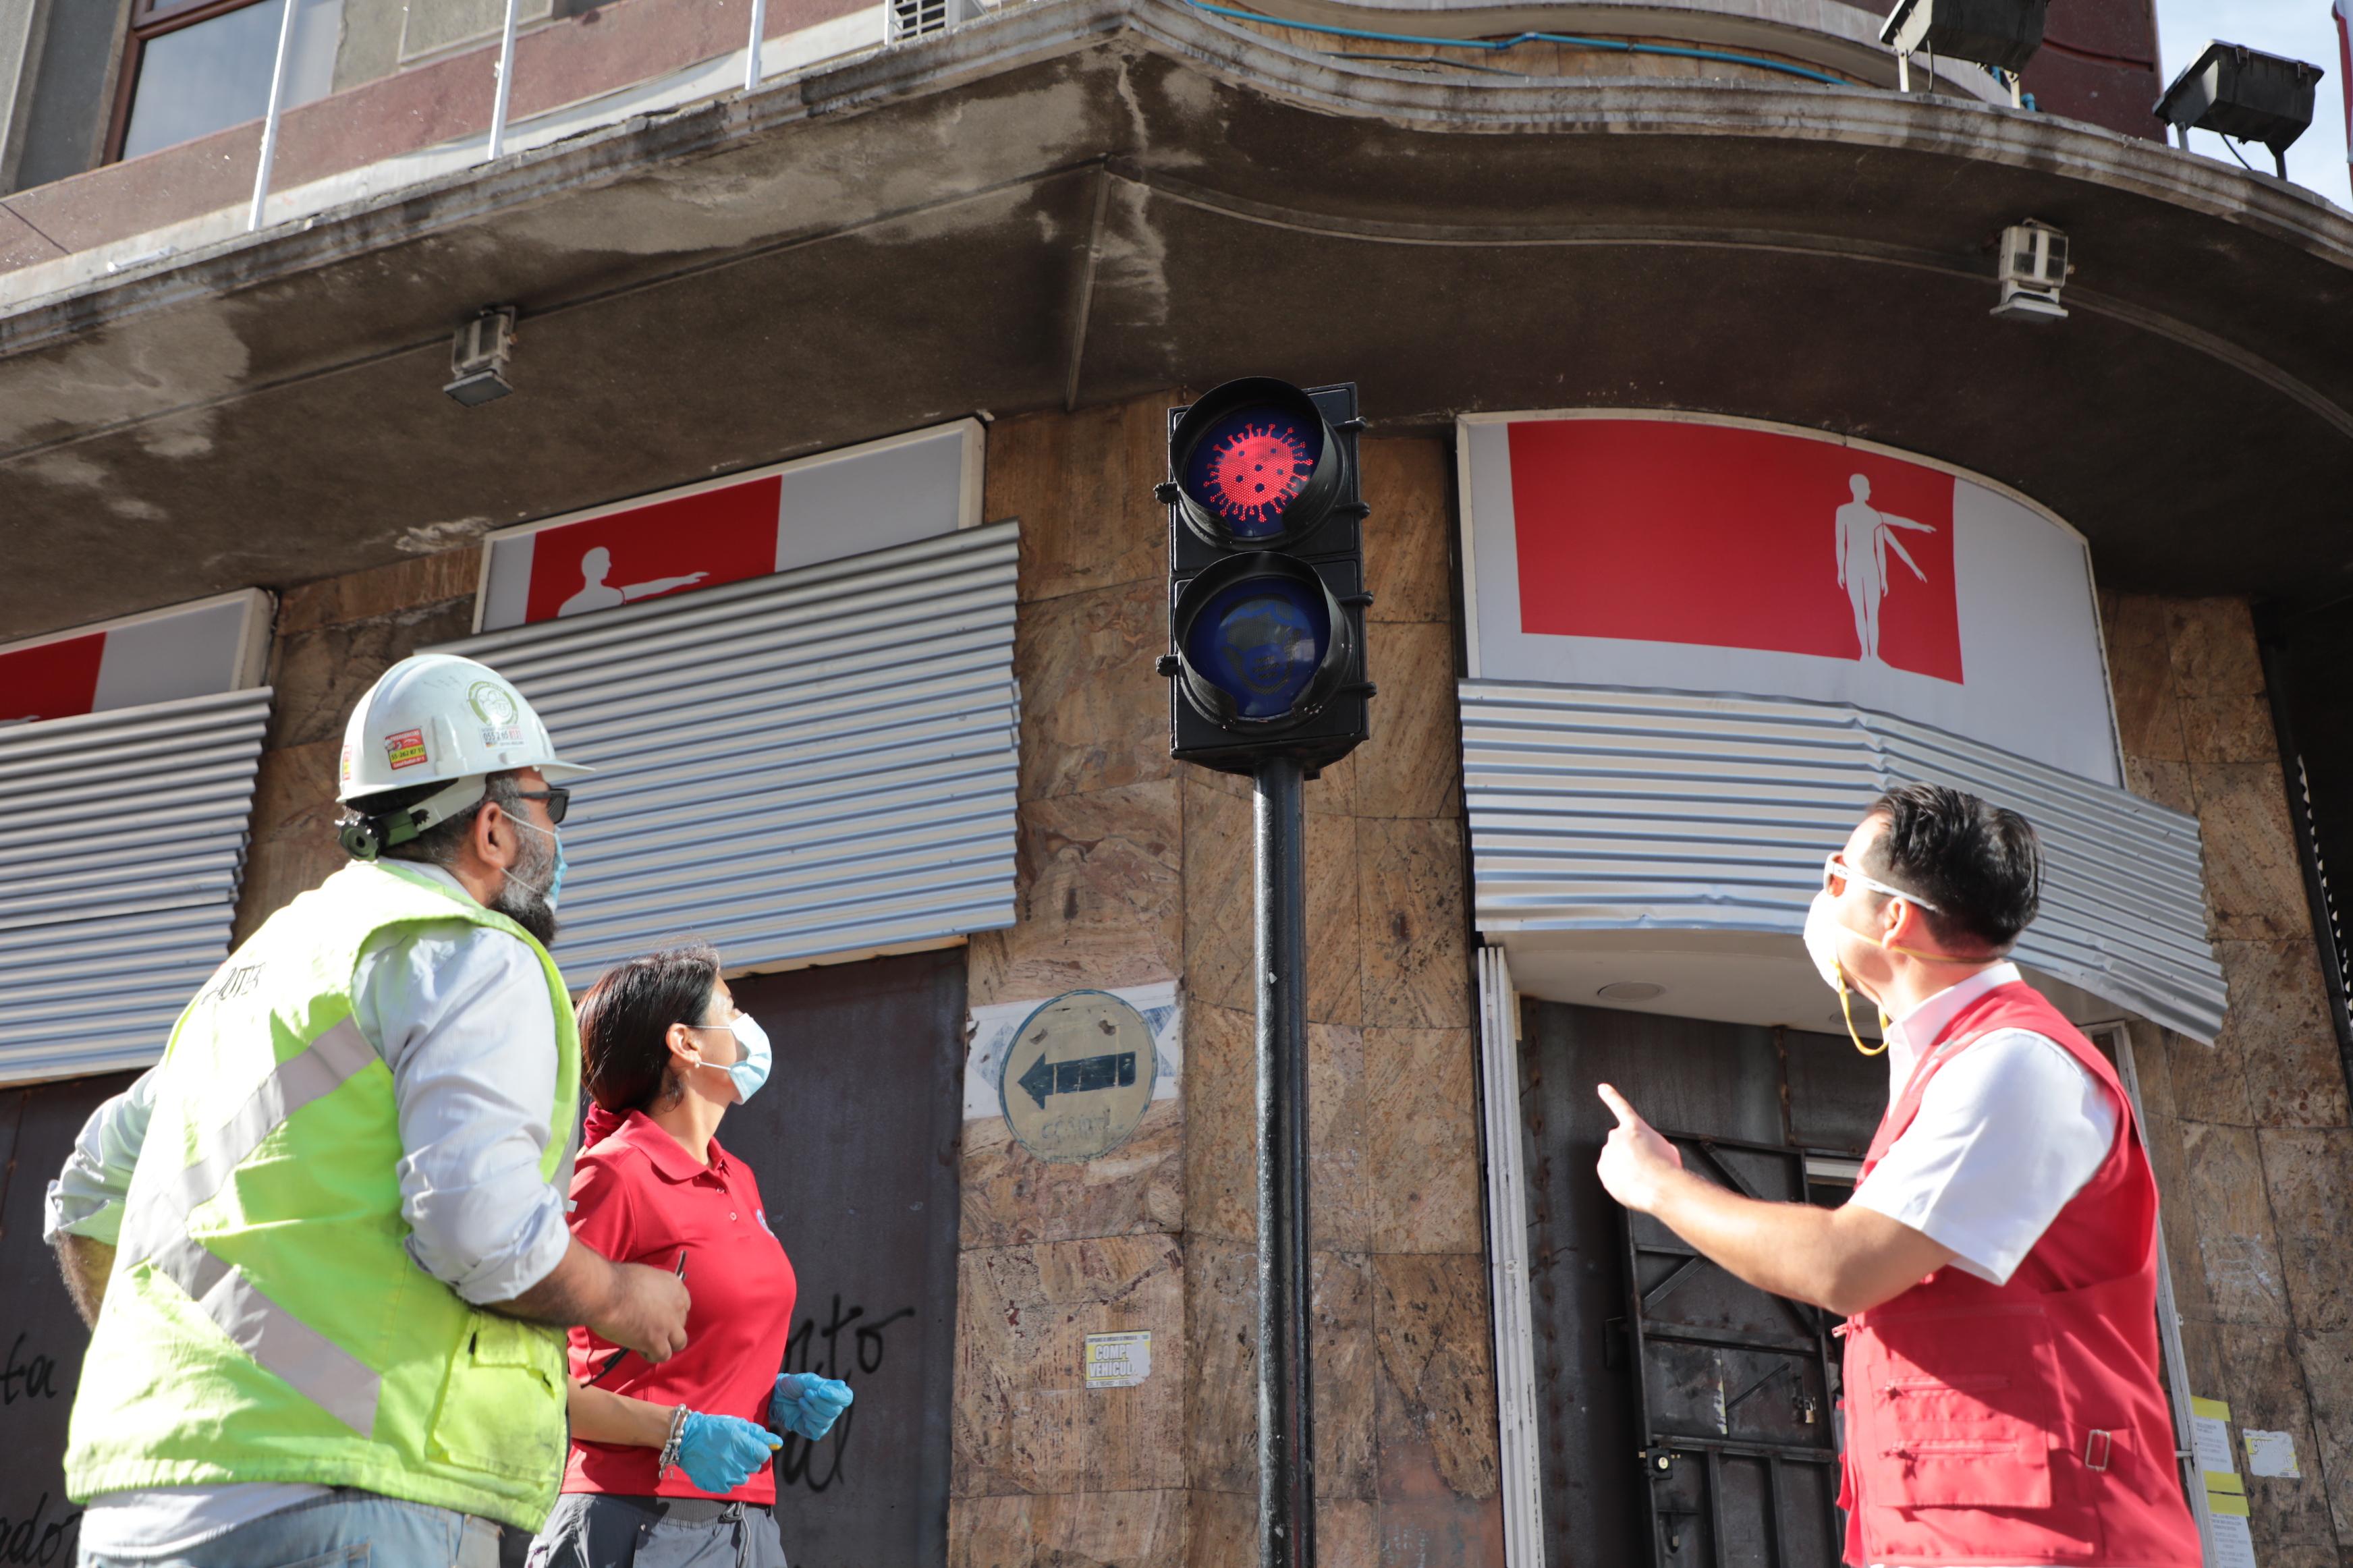 MUNICIPALIDAD IMPLEMENTA MEDIDAS PREVENTIVAS PARA RESPETAR EL DISTANCIAMIENTO SOCIAL EN EL CENTRO DE LA CIUDAD